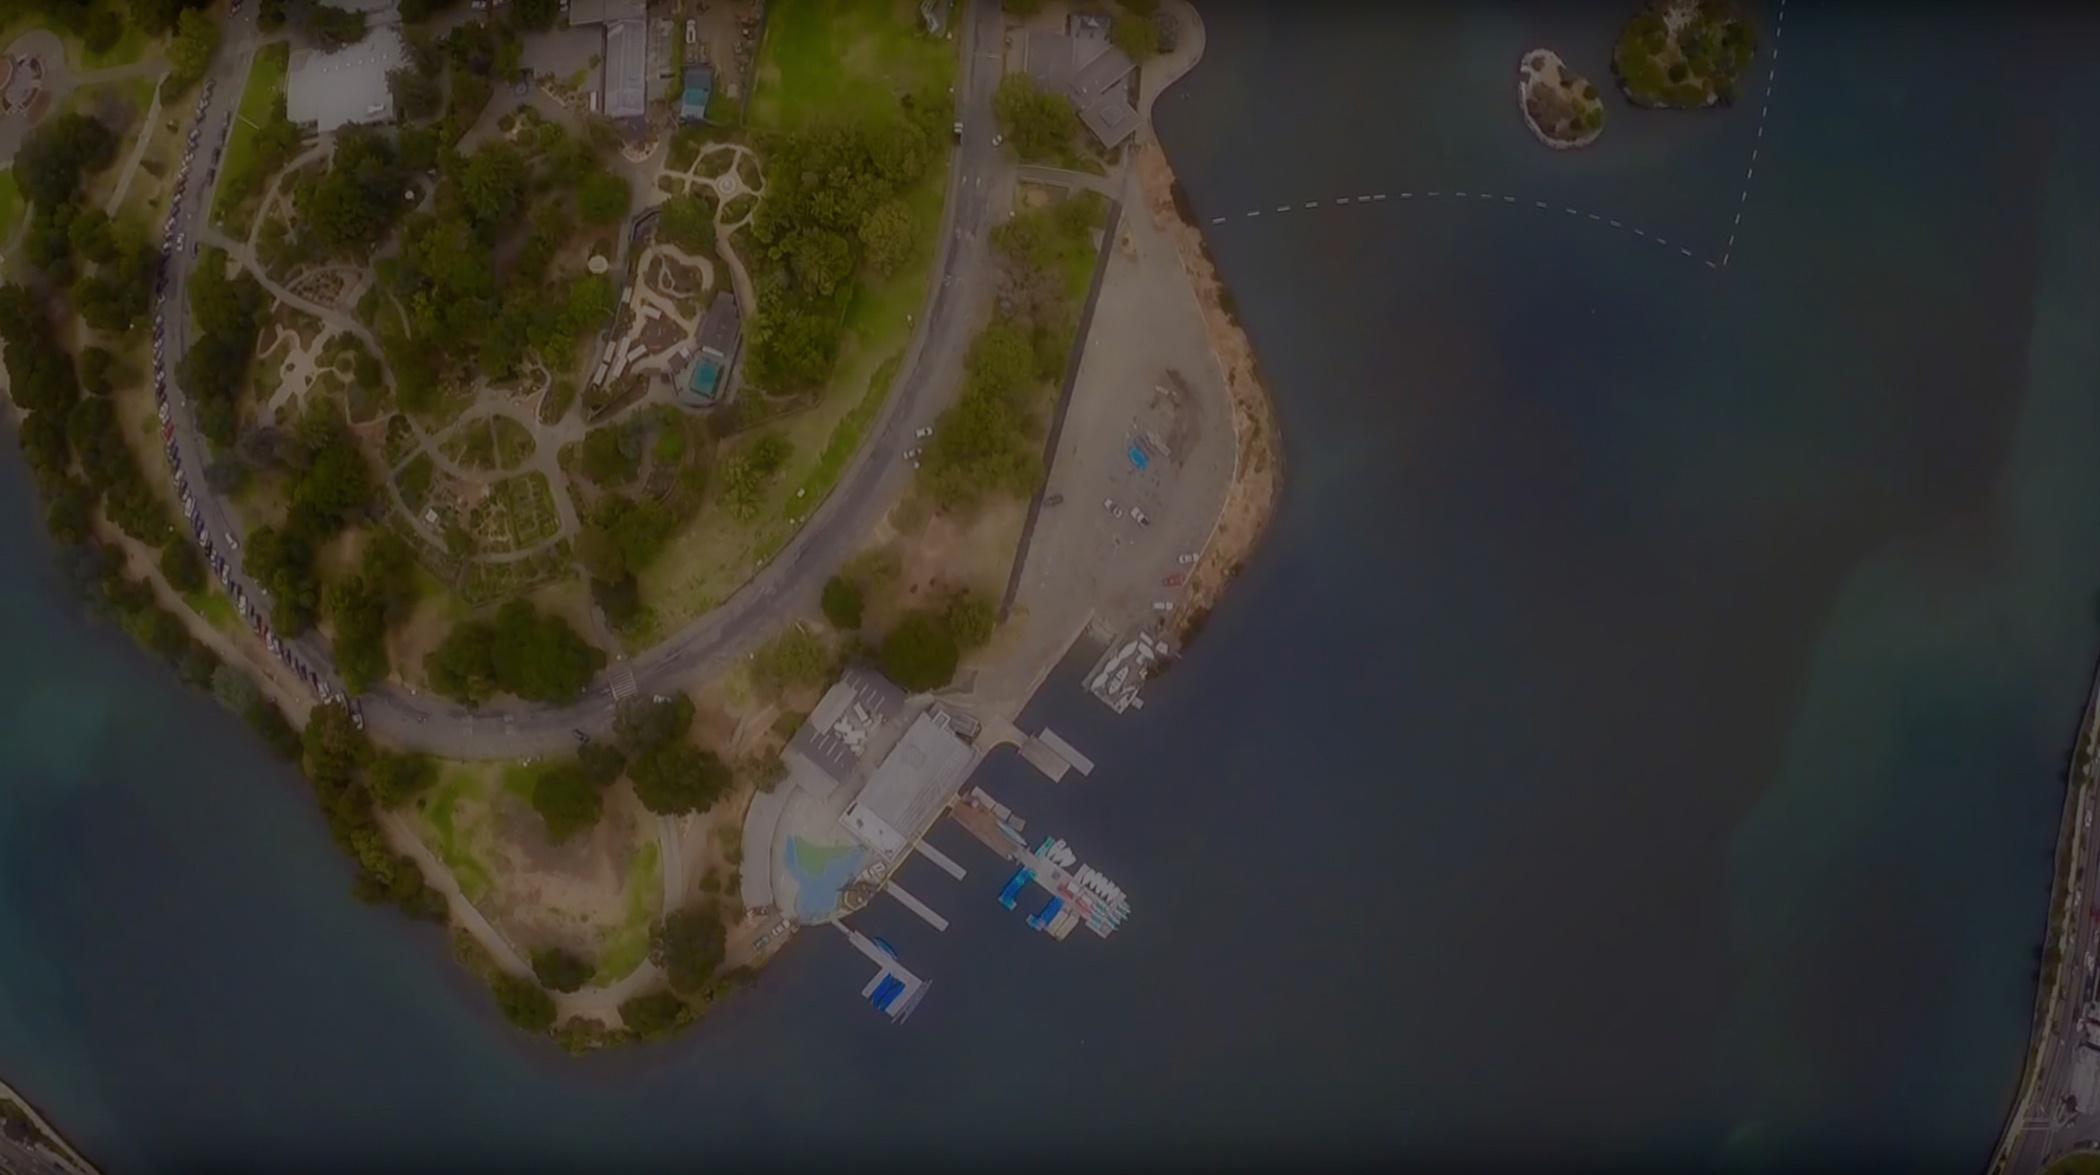 lake-merrit-blurred